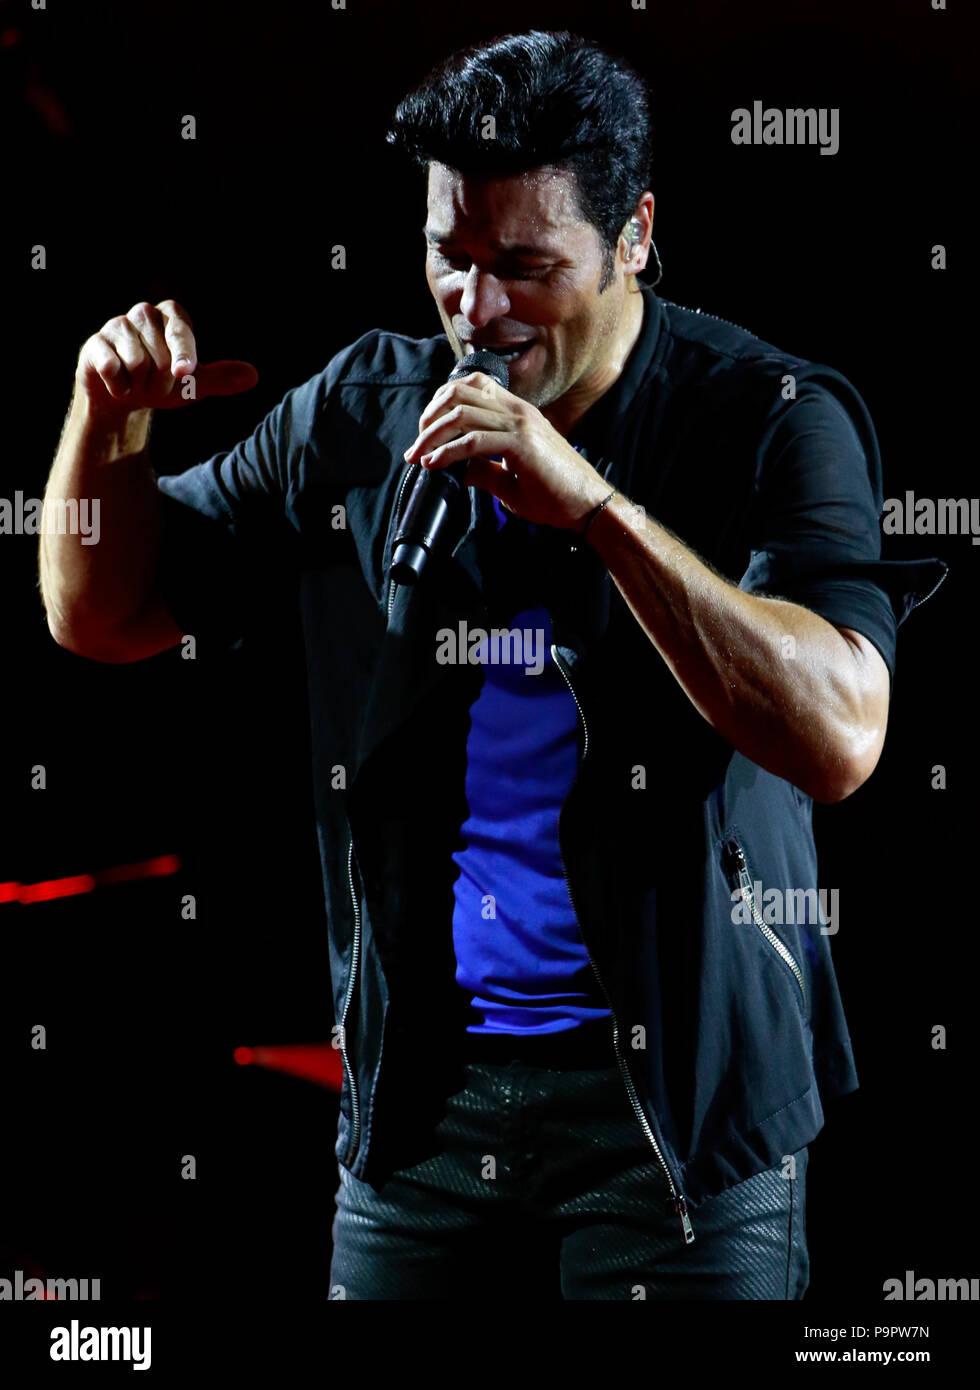 El cantante, bailarín y actor puertorriqueño Chayanne  , durante su concierto en el AVA Amphitheater de casino del Sol en Tucson Arizona , el 4 de sep Stock Photo